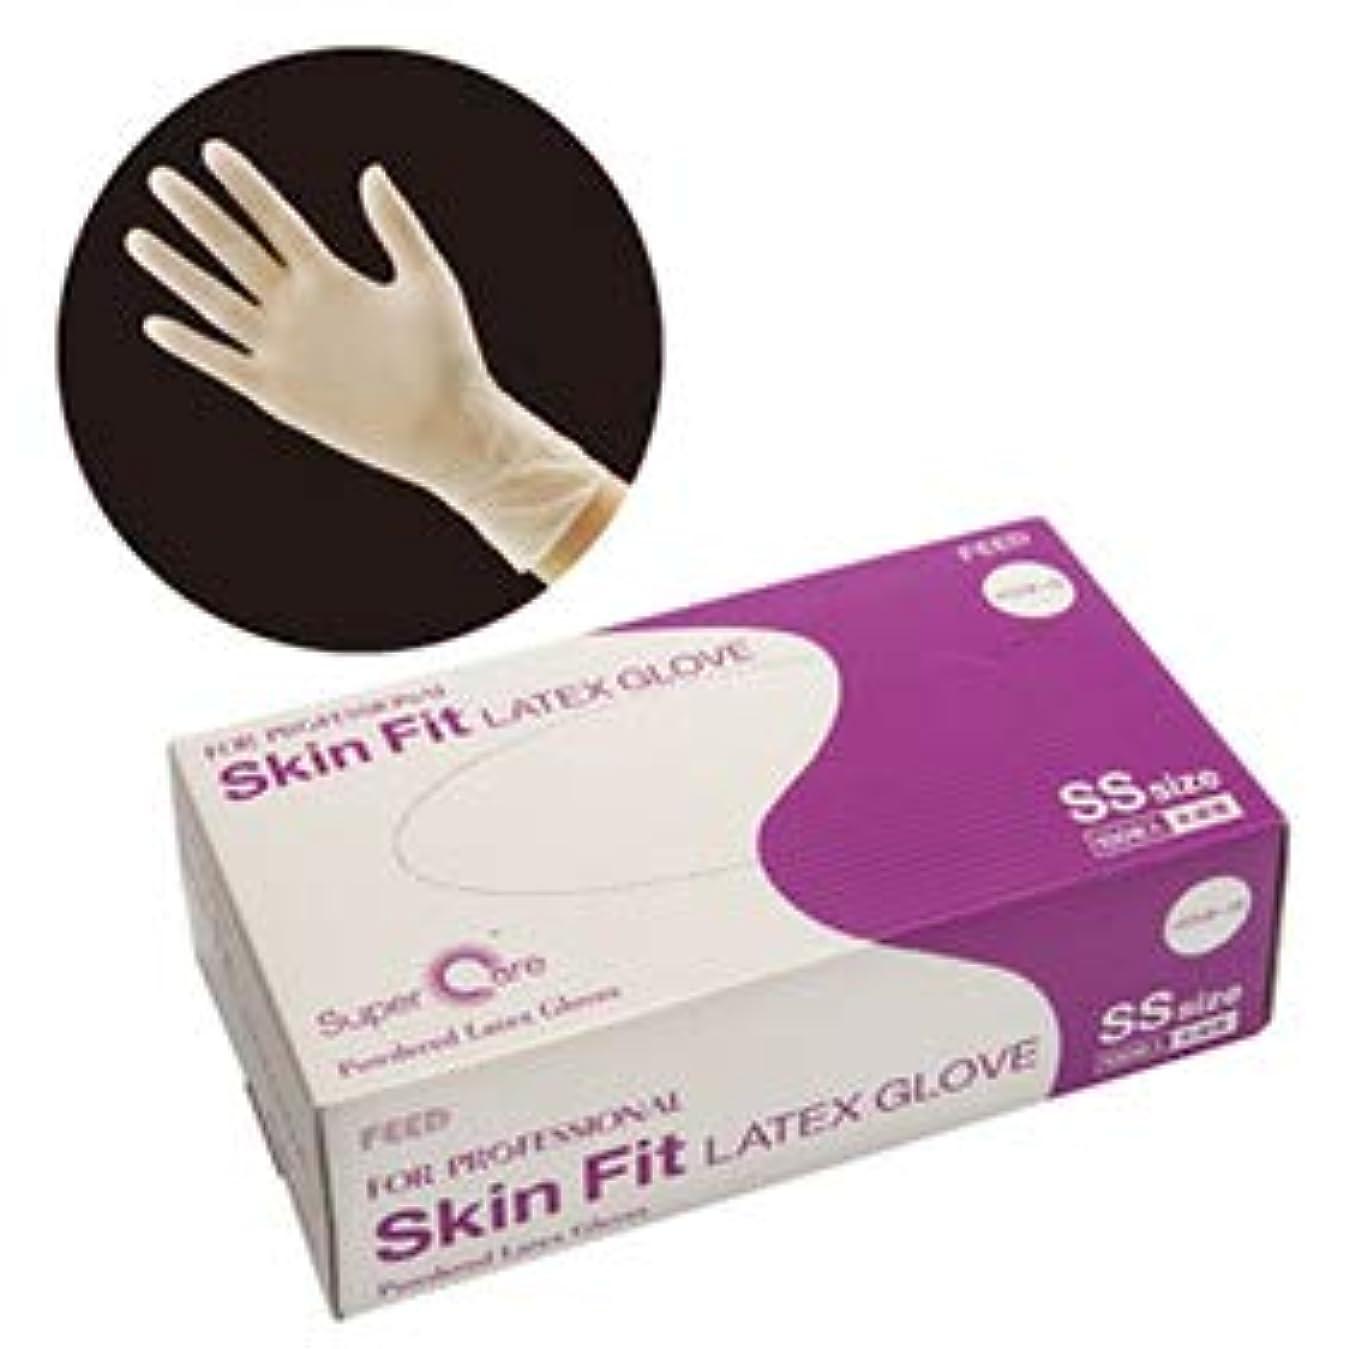 製作橋行動FEED(フィード) Skin Fit ラテックスグローブ パウダー付 SS カートン(100枚入×10ケース) (作業用)